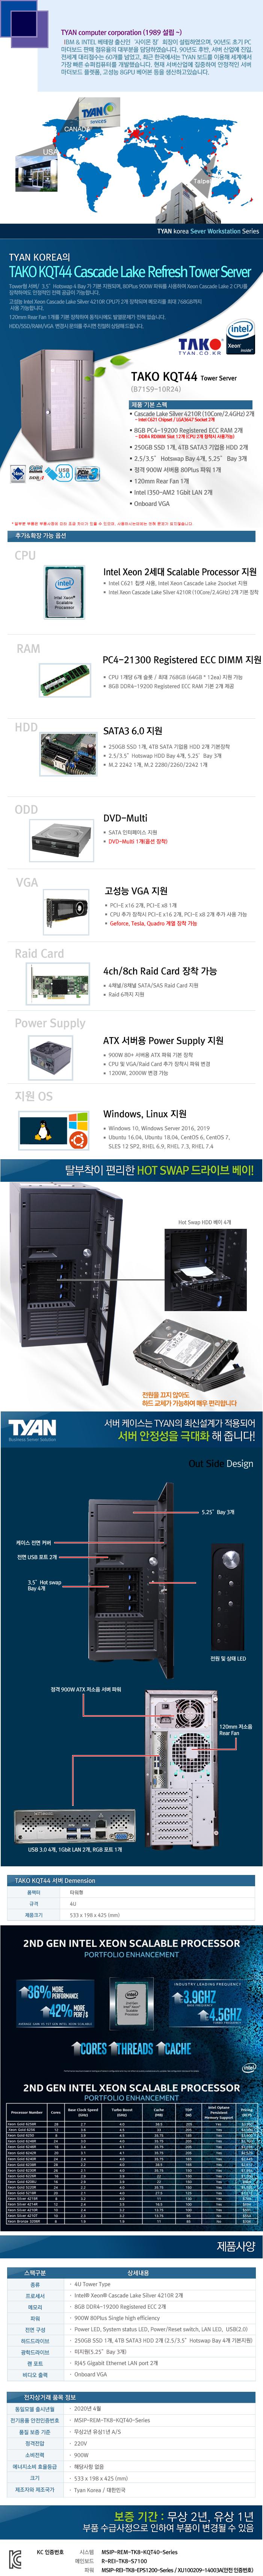 TYAN TAKO-KQT44-(B71S9-10R24) (16GB, SSD 250GB + 8TB)